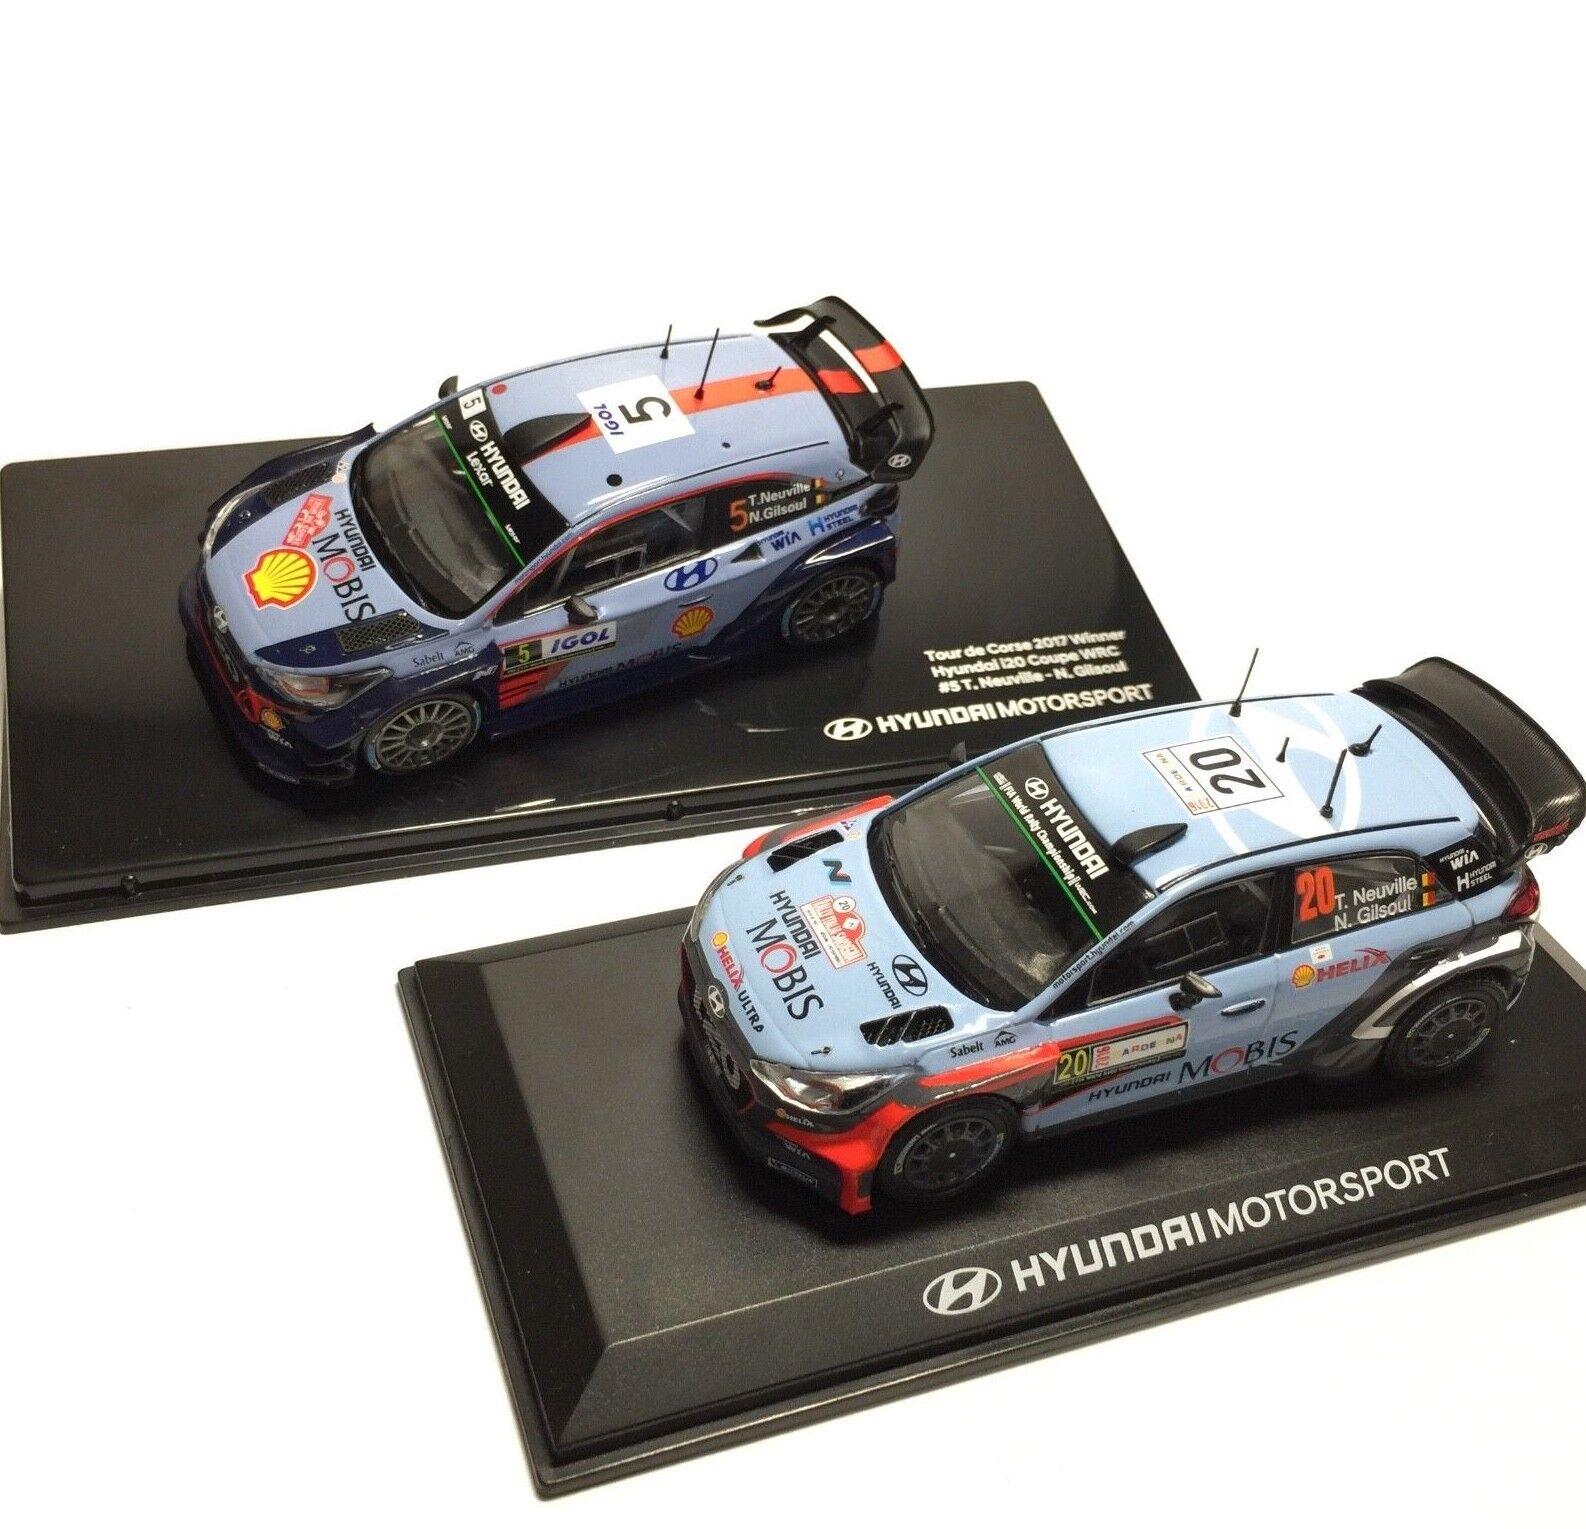 Hyundai i20 Coupe WRC 1:43 rally ganador 2018 1ea, 2018 1ea-Thierry Neuville